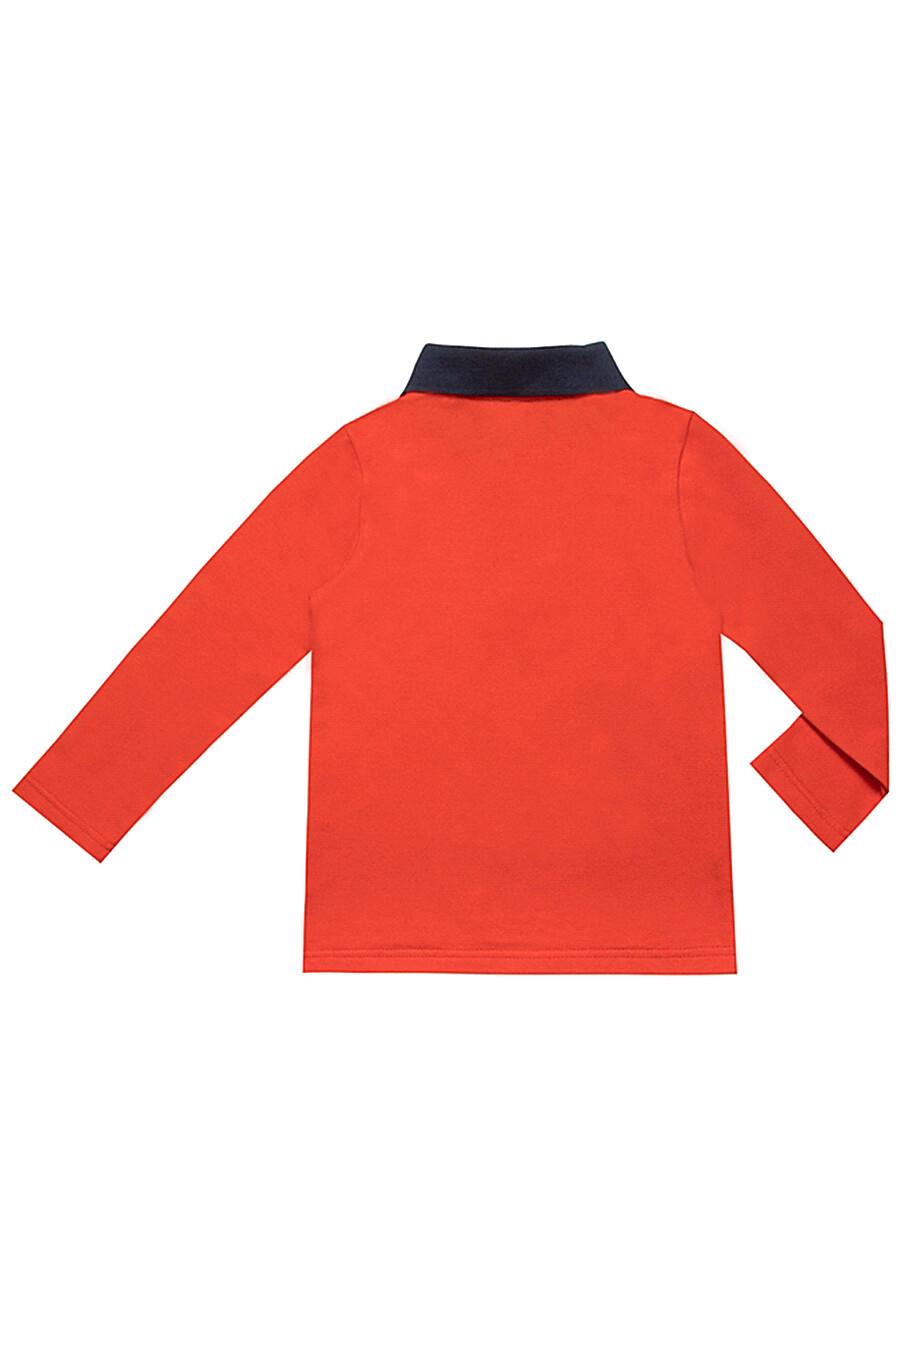 Джемпер для мальчиков АПРЕЛЬ 700213 купить оптом от производителя. Совместная покупка детской одежды в OptMoyo